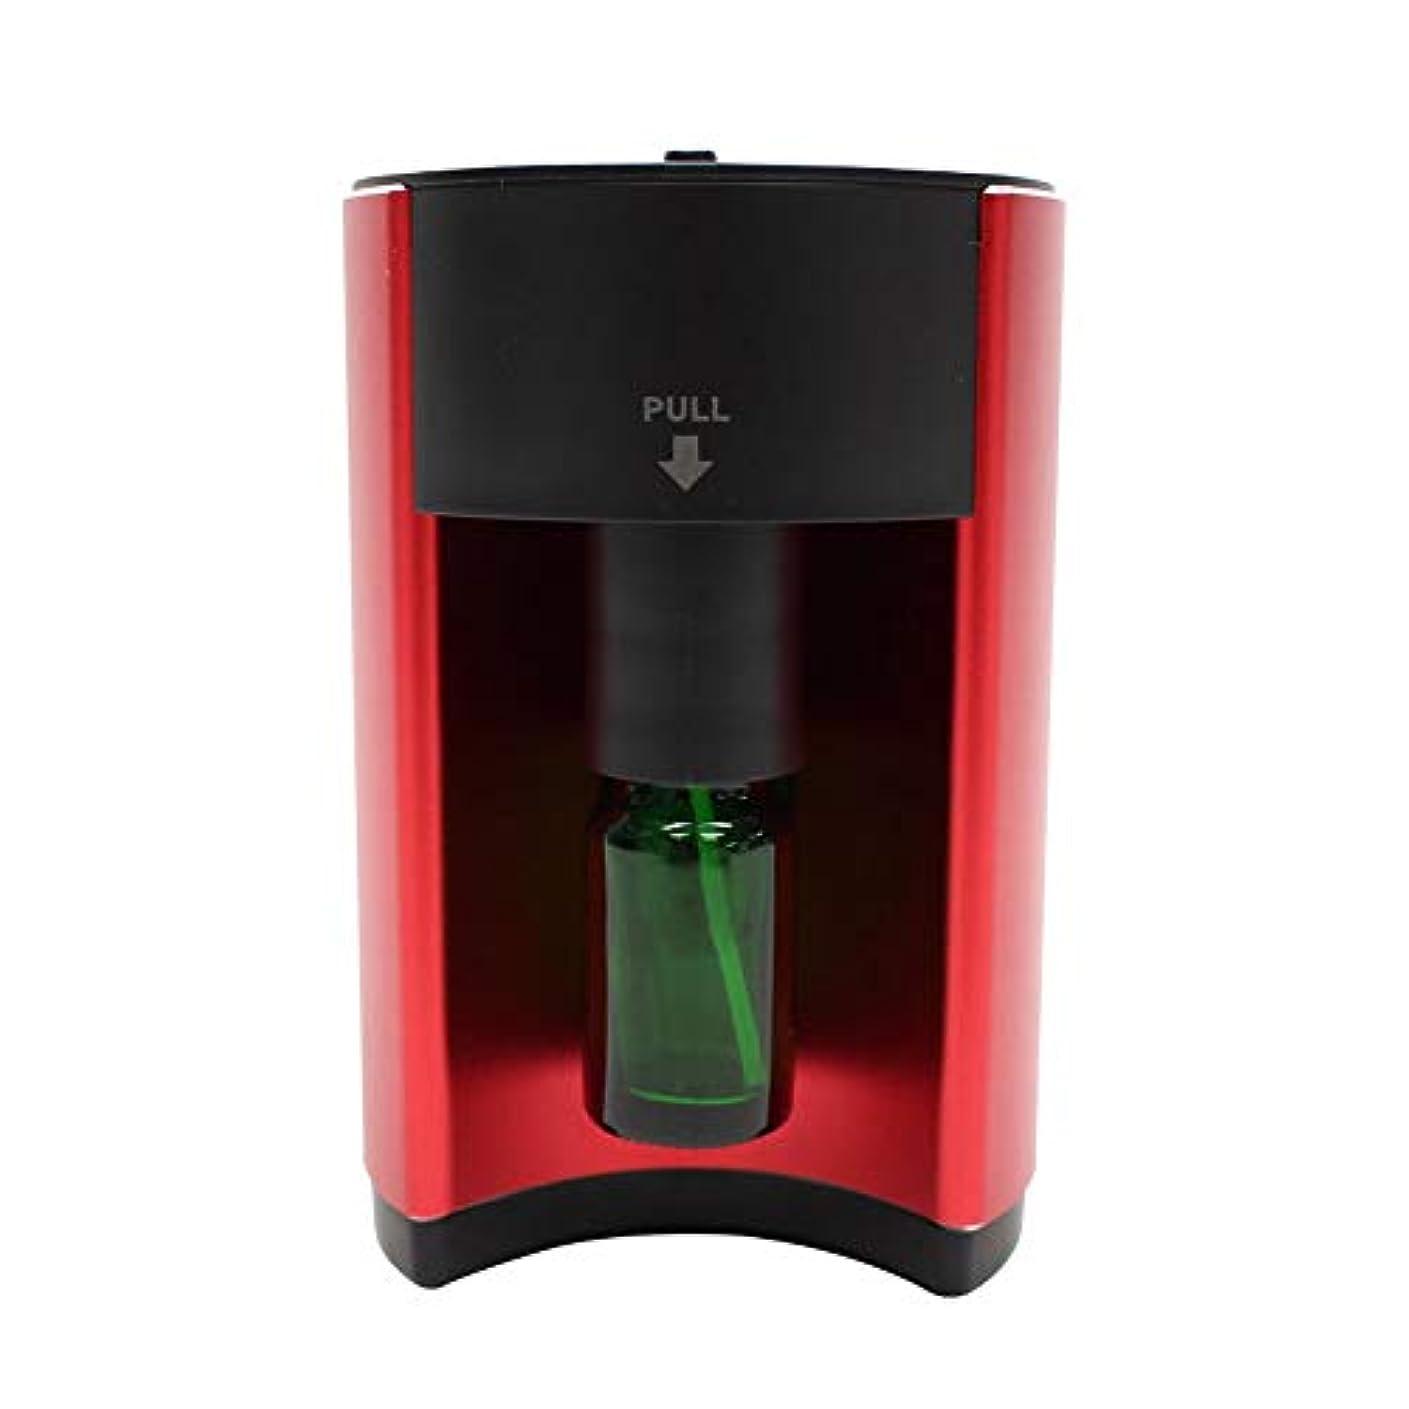 残基セブンカスケードアロマディフューザー 噴霧式 自動停止 16段階モード設定 ECOモード搭載 水を使わない ネブライザー式 コンパクト AC電源式 香り 癒し レッド